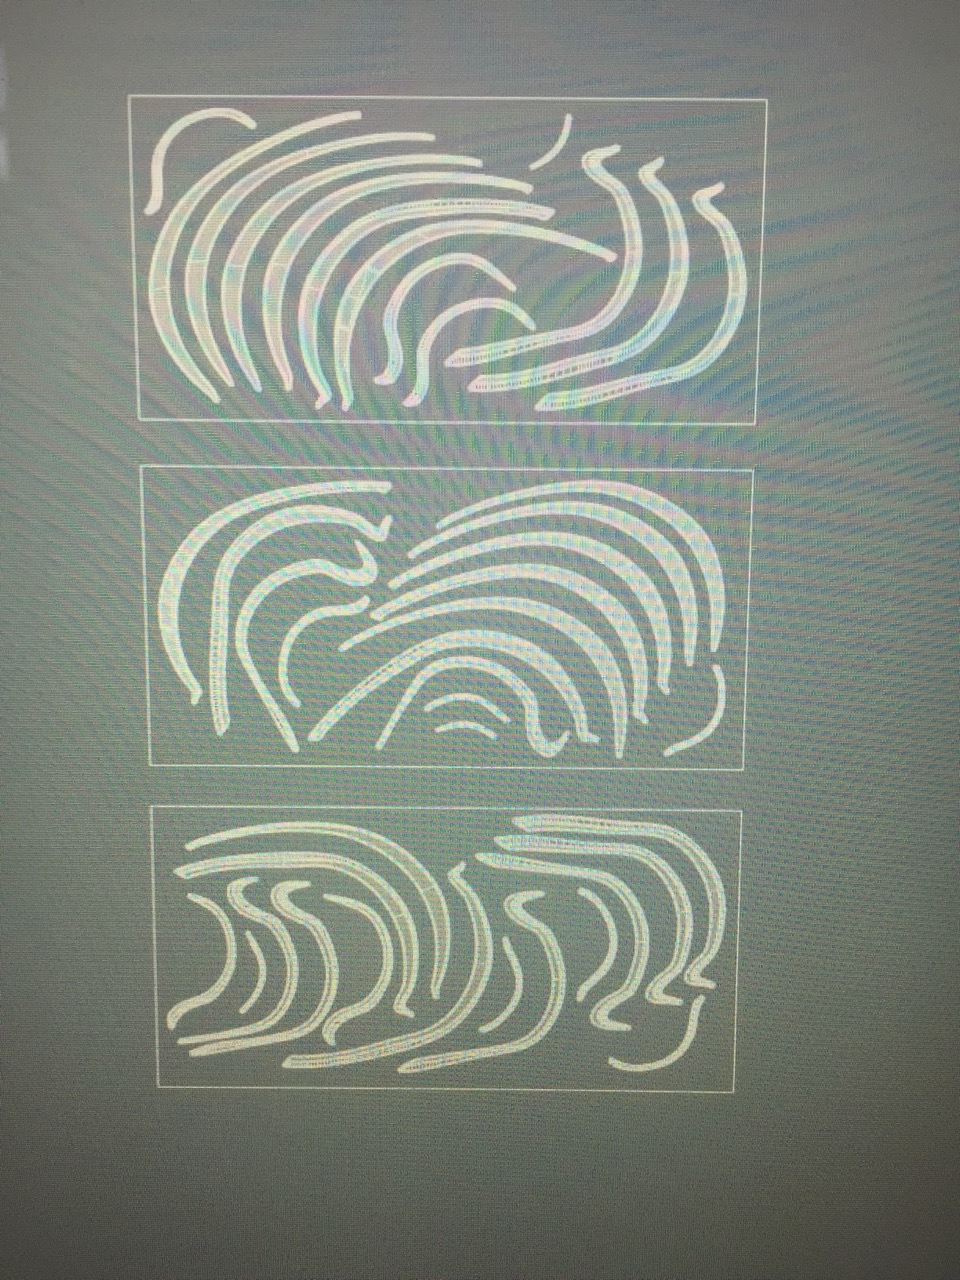 Process-CNC file